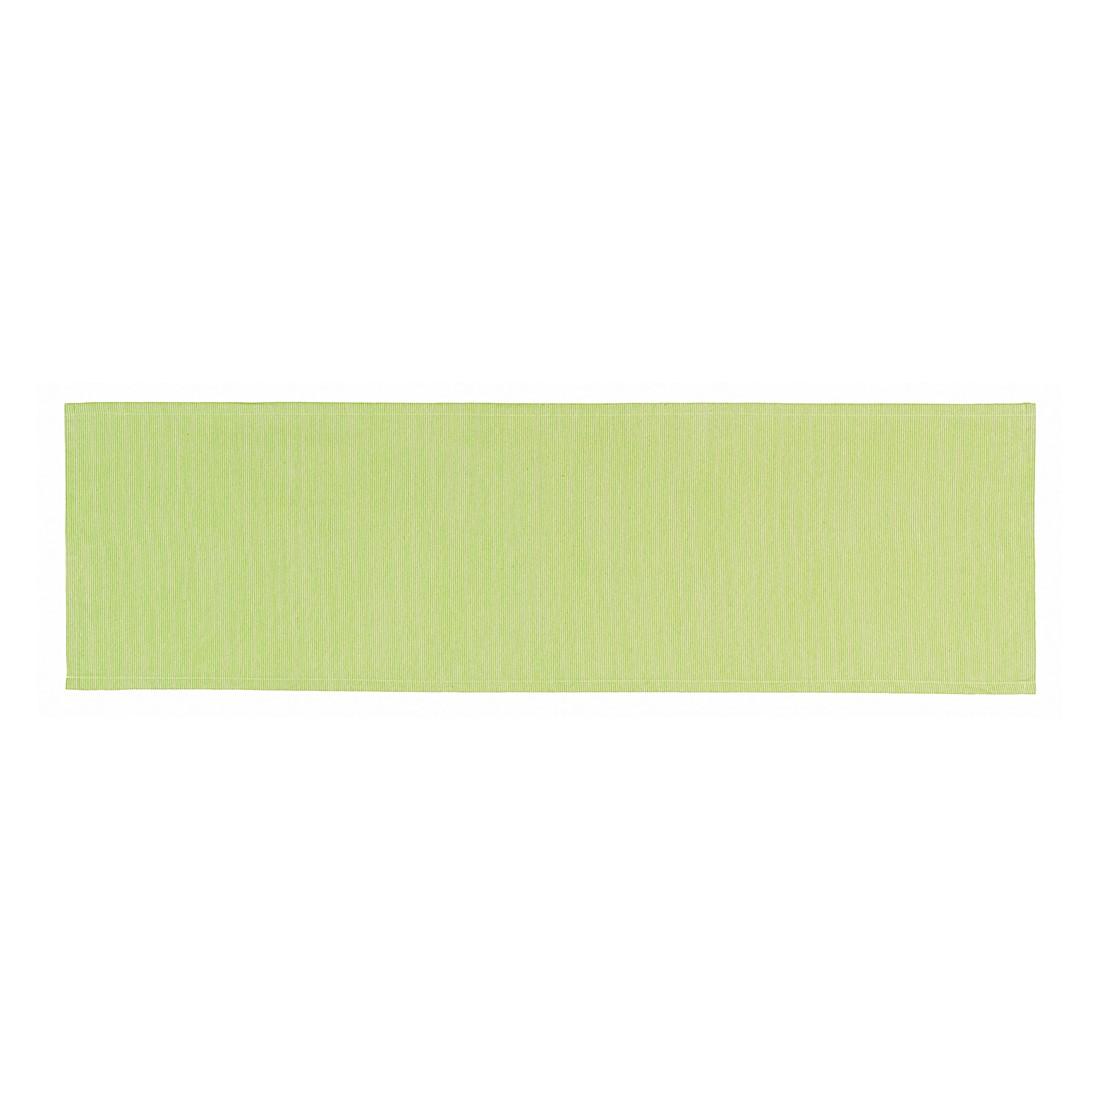 Tischläufer Needlestripe – Lime, Esprit Home günstig online kaufen